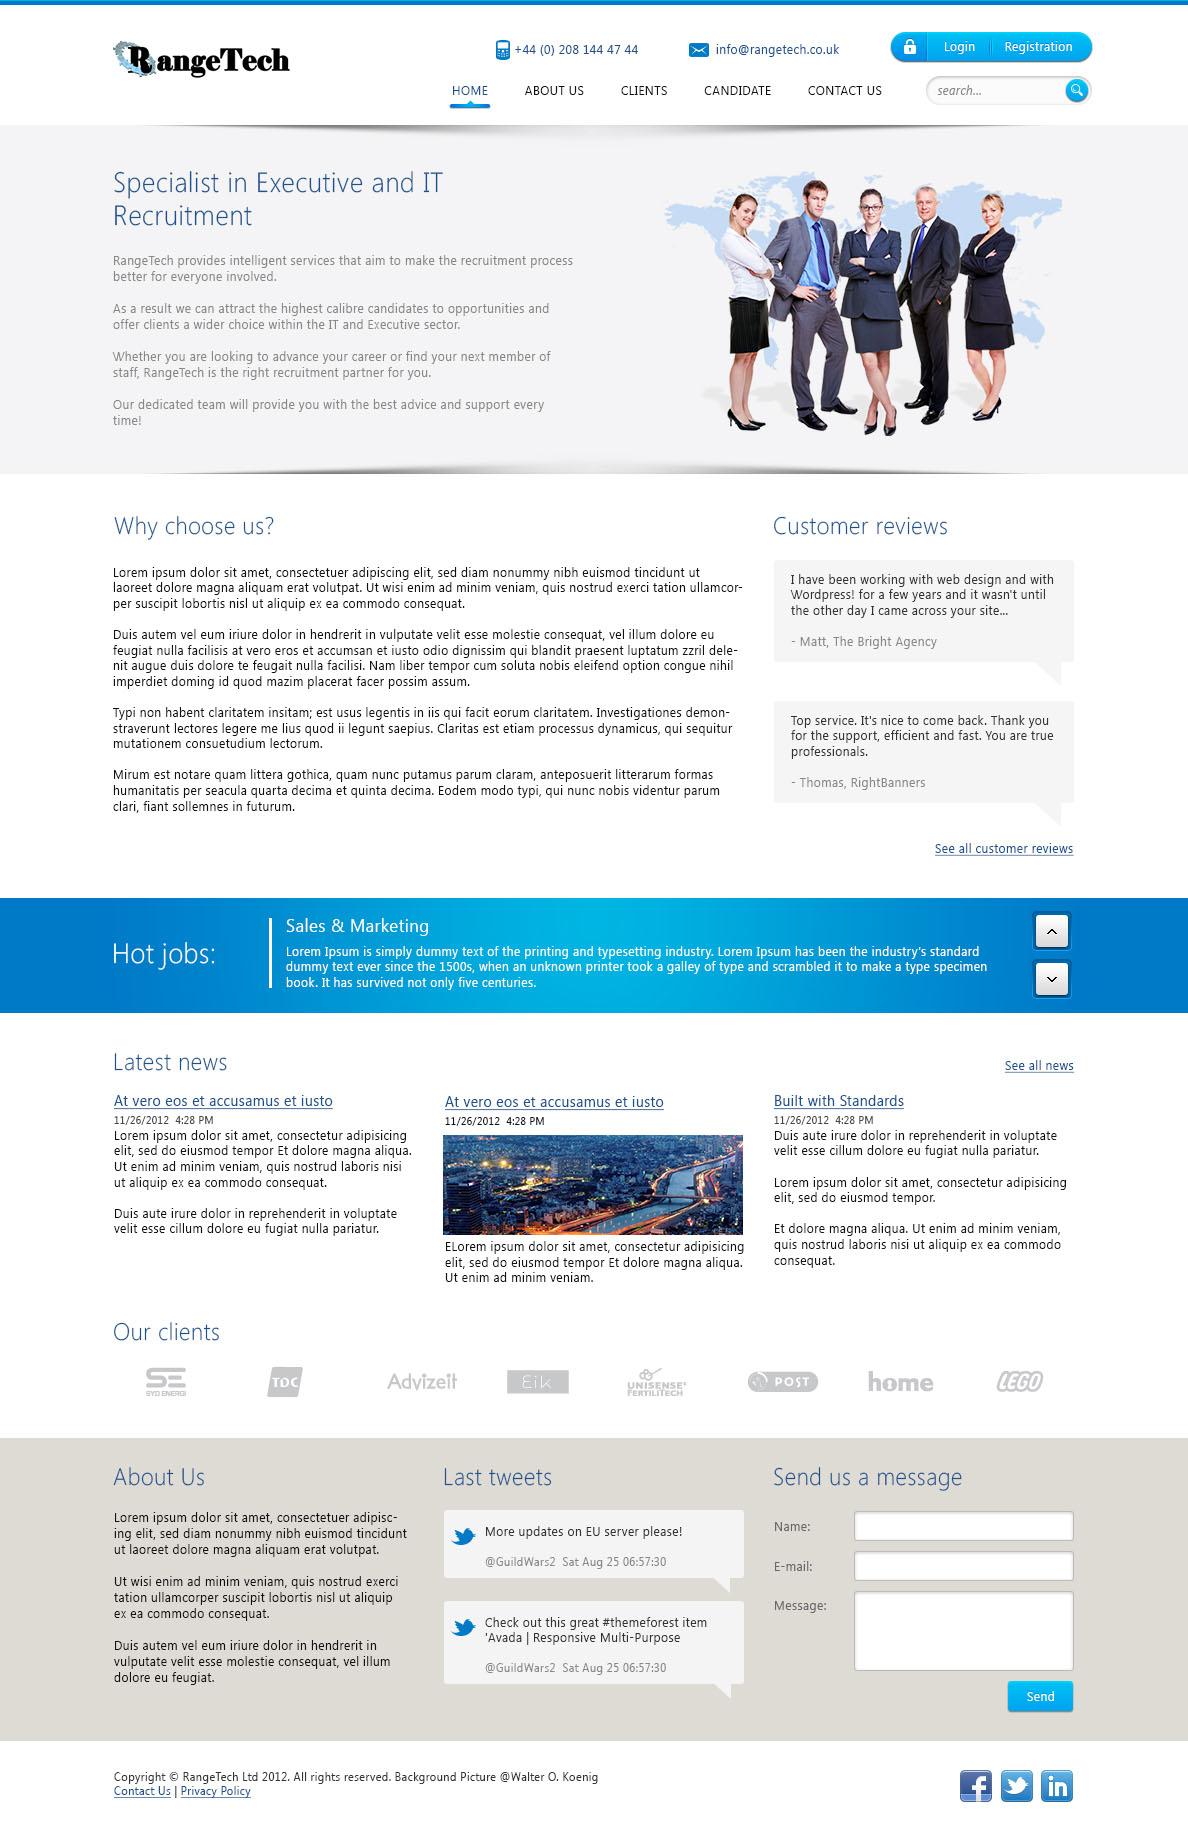 Дизайн сайта для компании RangeTech